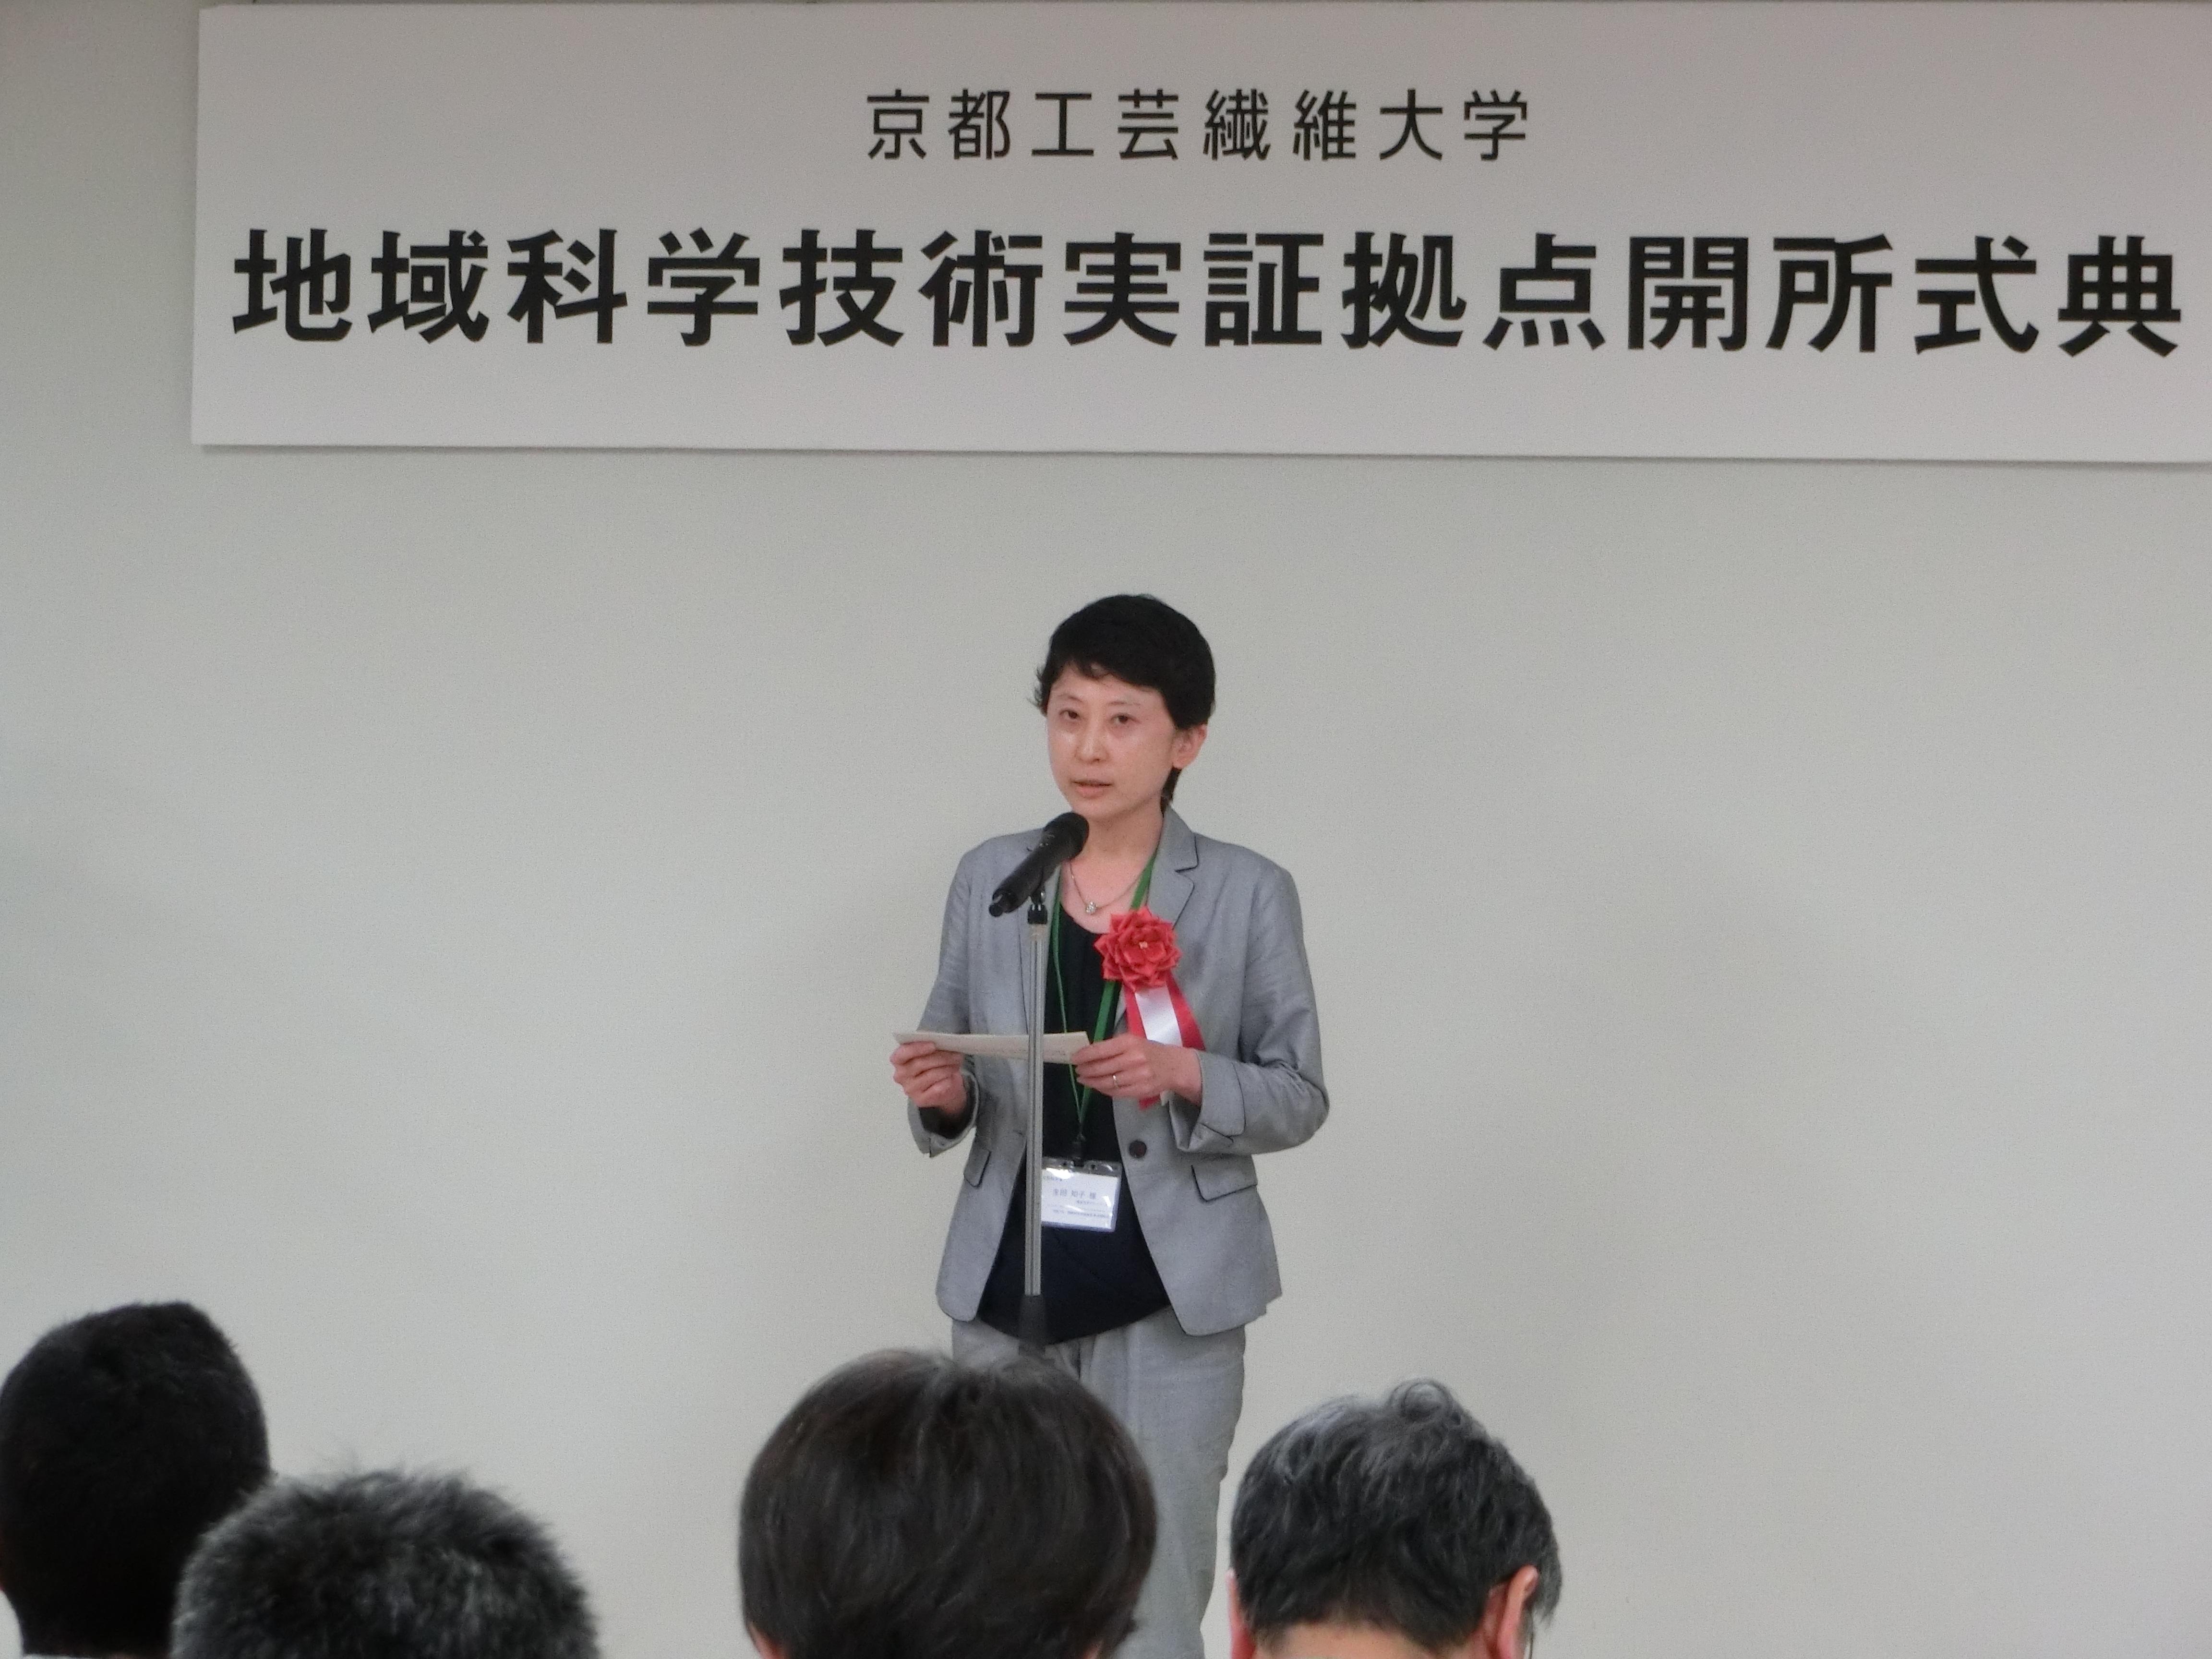 生田文部科学省 科学技術・学術政策局 産業連携・地域支援課 地域支援室長の祝辞